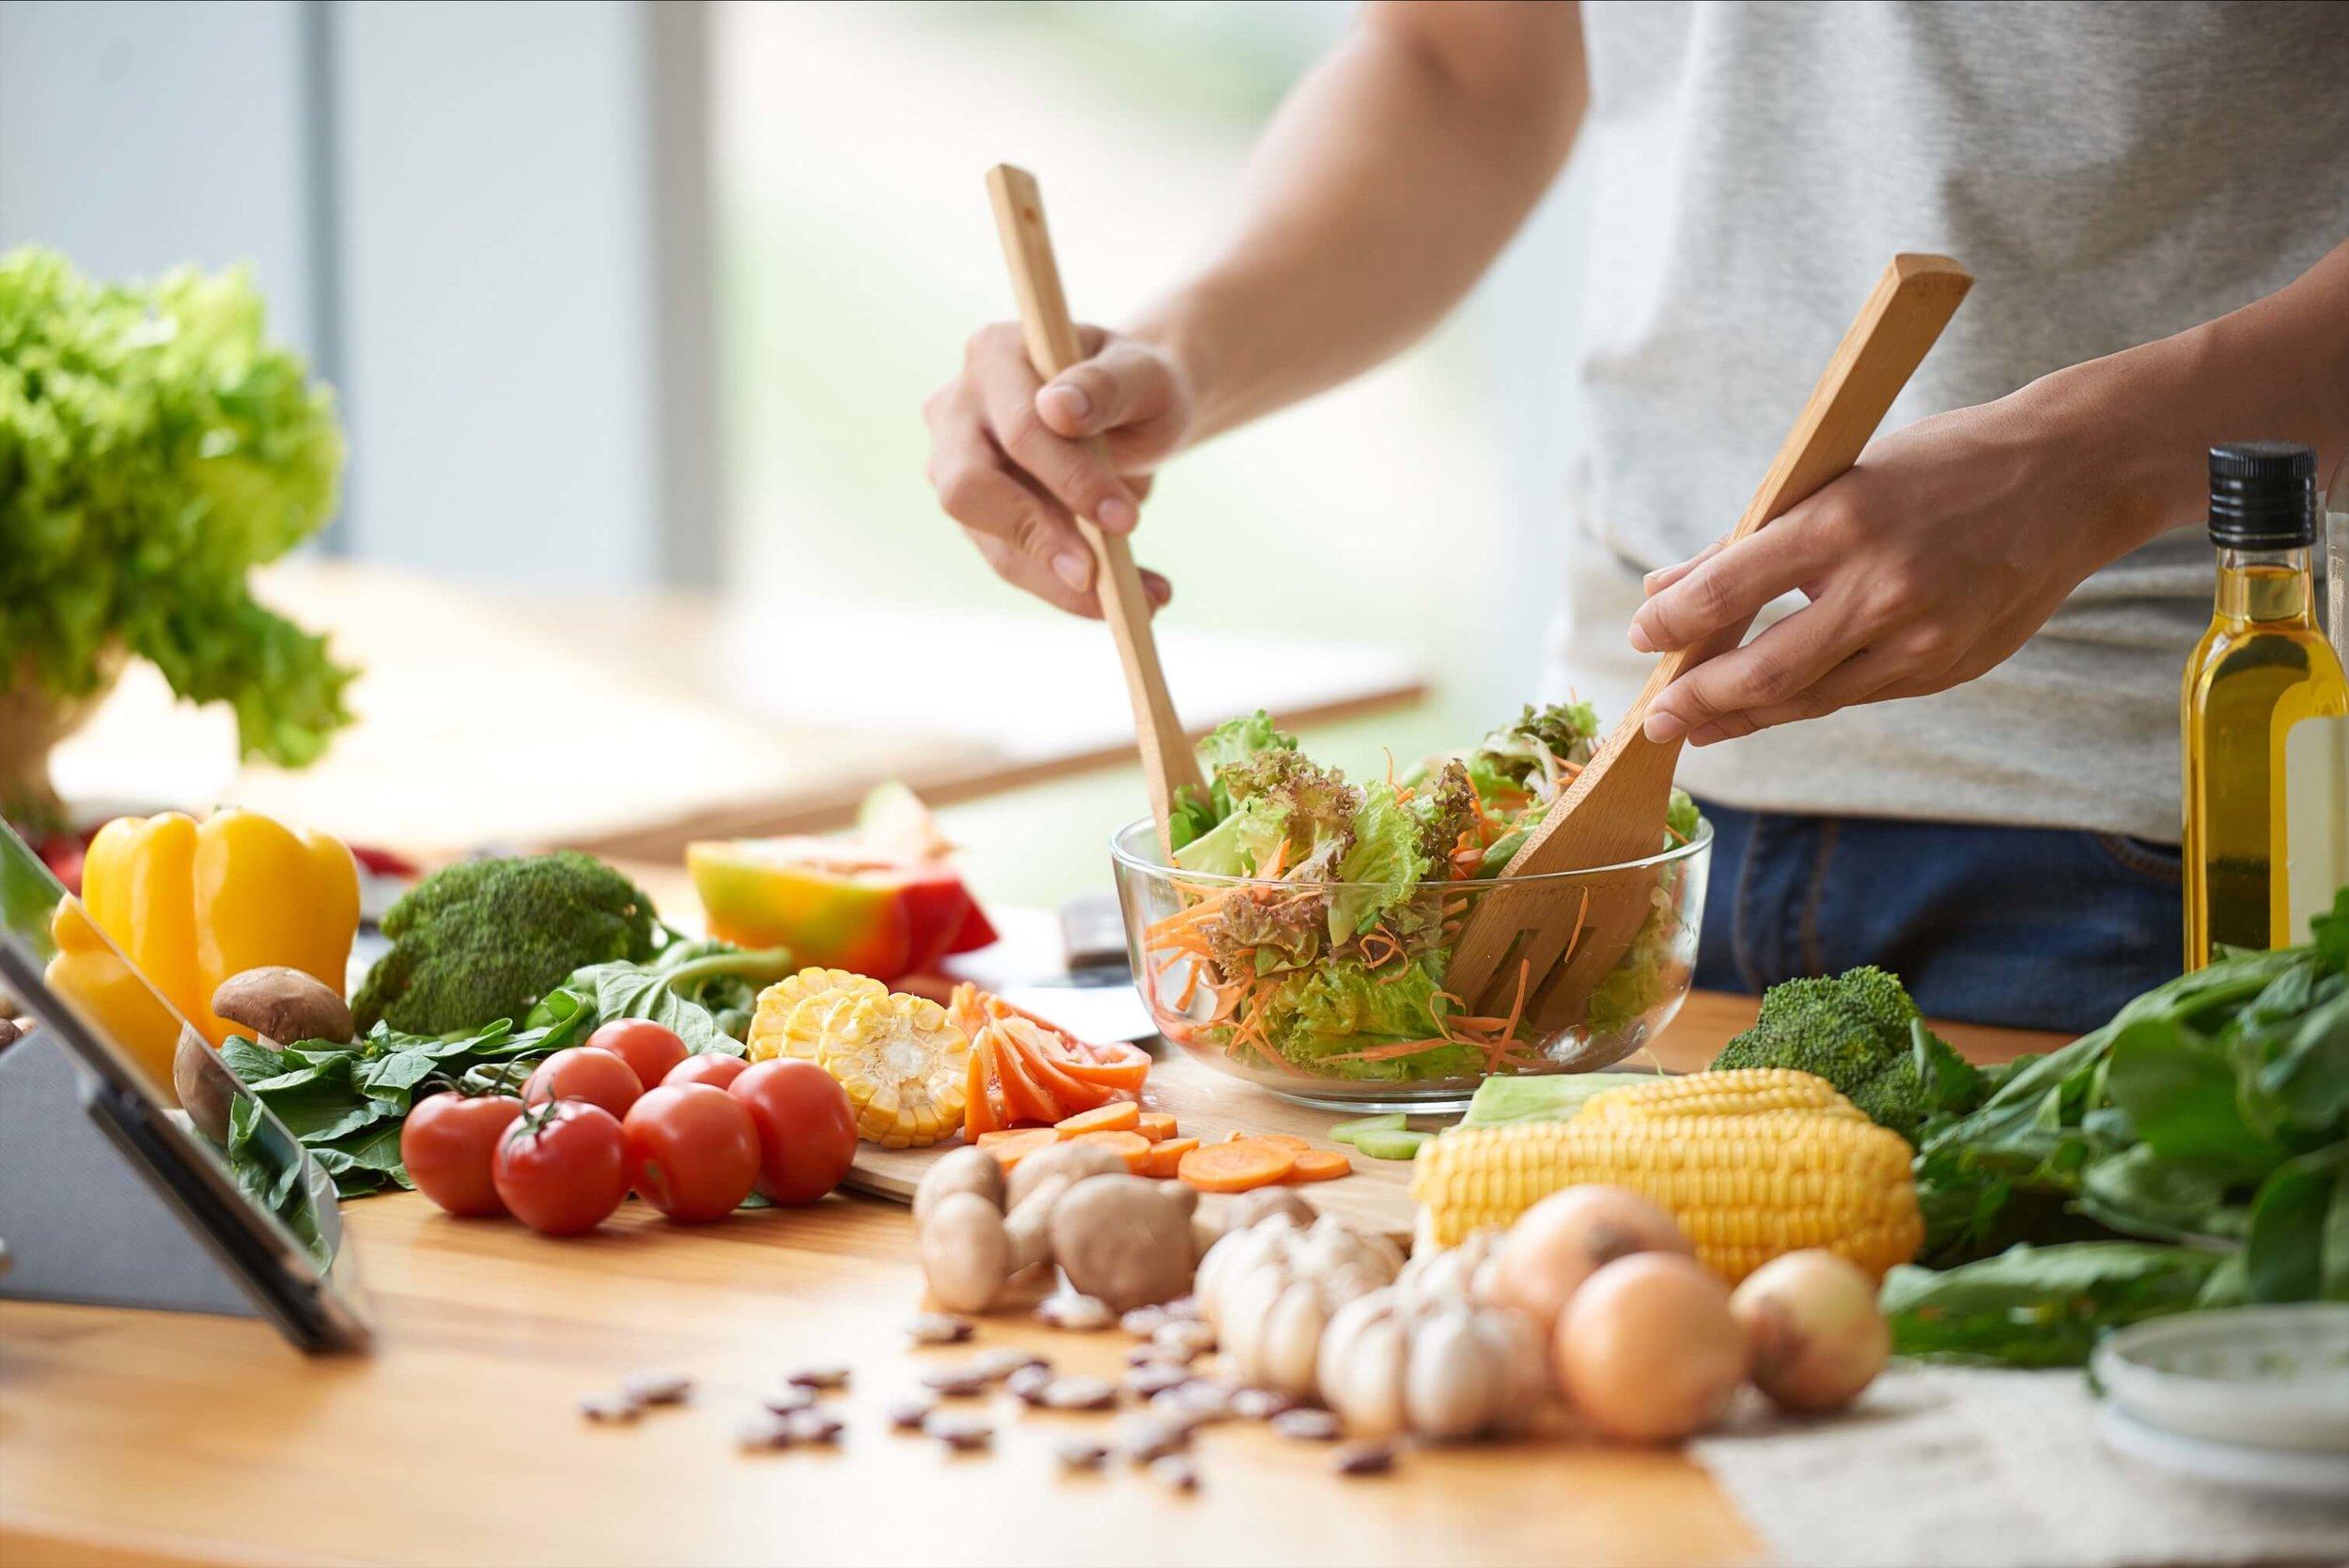 キッチンに立つ回数を増やし料理男子、料理女子に。 - 減量、増量に欠かせなくなってくるのが食事。でも家でもろくに料理なんてしないし、身体を意識した食事なんてもってのほか…そんな時もアーティストに相談。アーティストはあなたに食事の提案から、誰でも出来る簡単な料理をレクチャーしてくれます。ボディメイクが目的の料理のはずが、気付くとクオリティが上がり、料理が趣味になる人も多くいます。